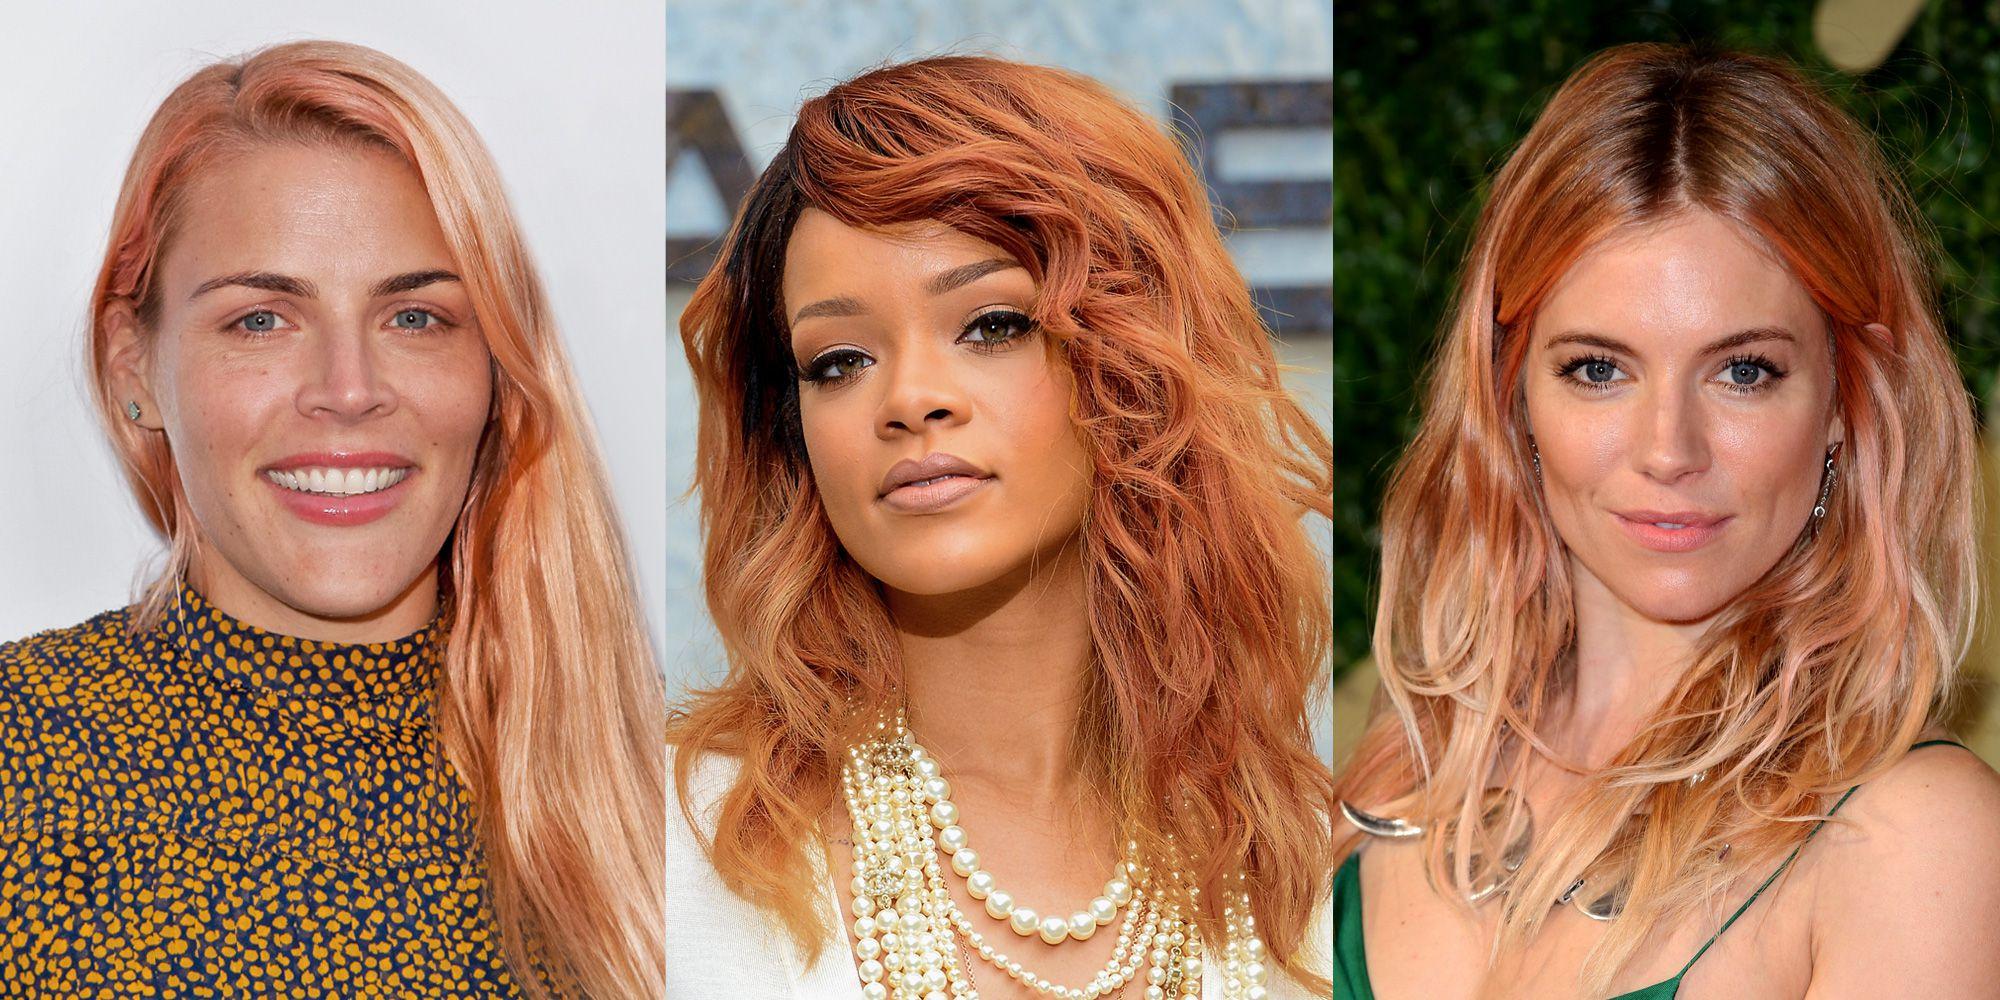 c8de7d5de2bc2b Najmodniejsze kolory włosów 2019 - Moda - najnowsze kolekcje ...